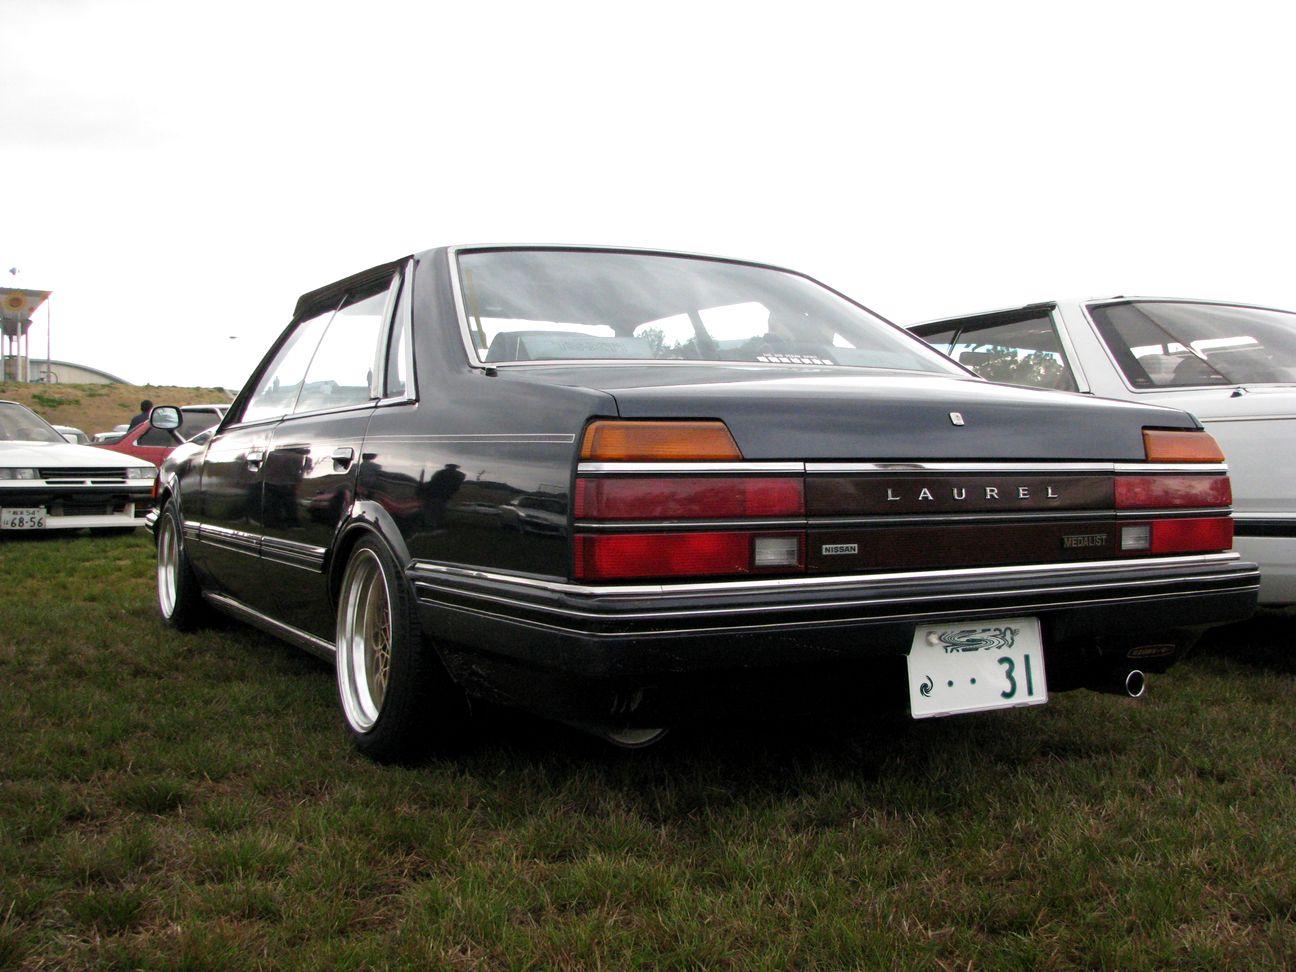 Nissan Laurel C31, tylnonapędowe sedany, japońska motoryzacja, mało znane samochody, JDM, tuning, galeria